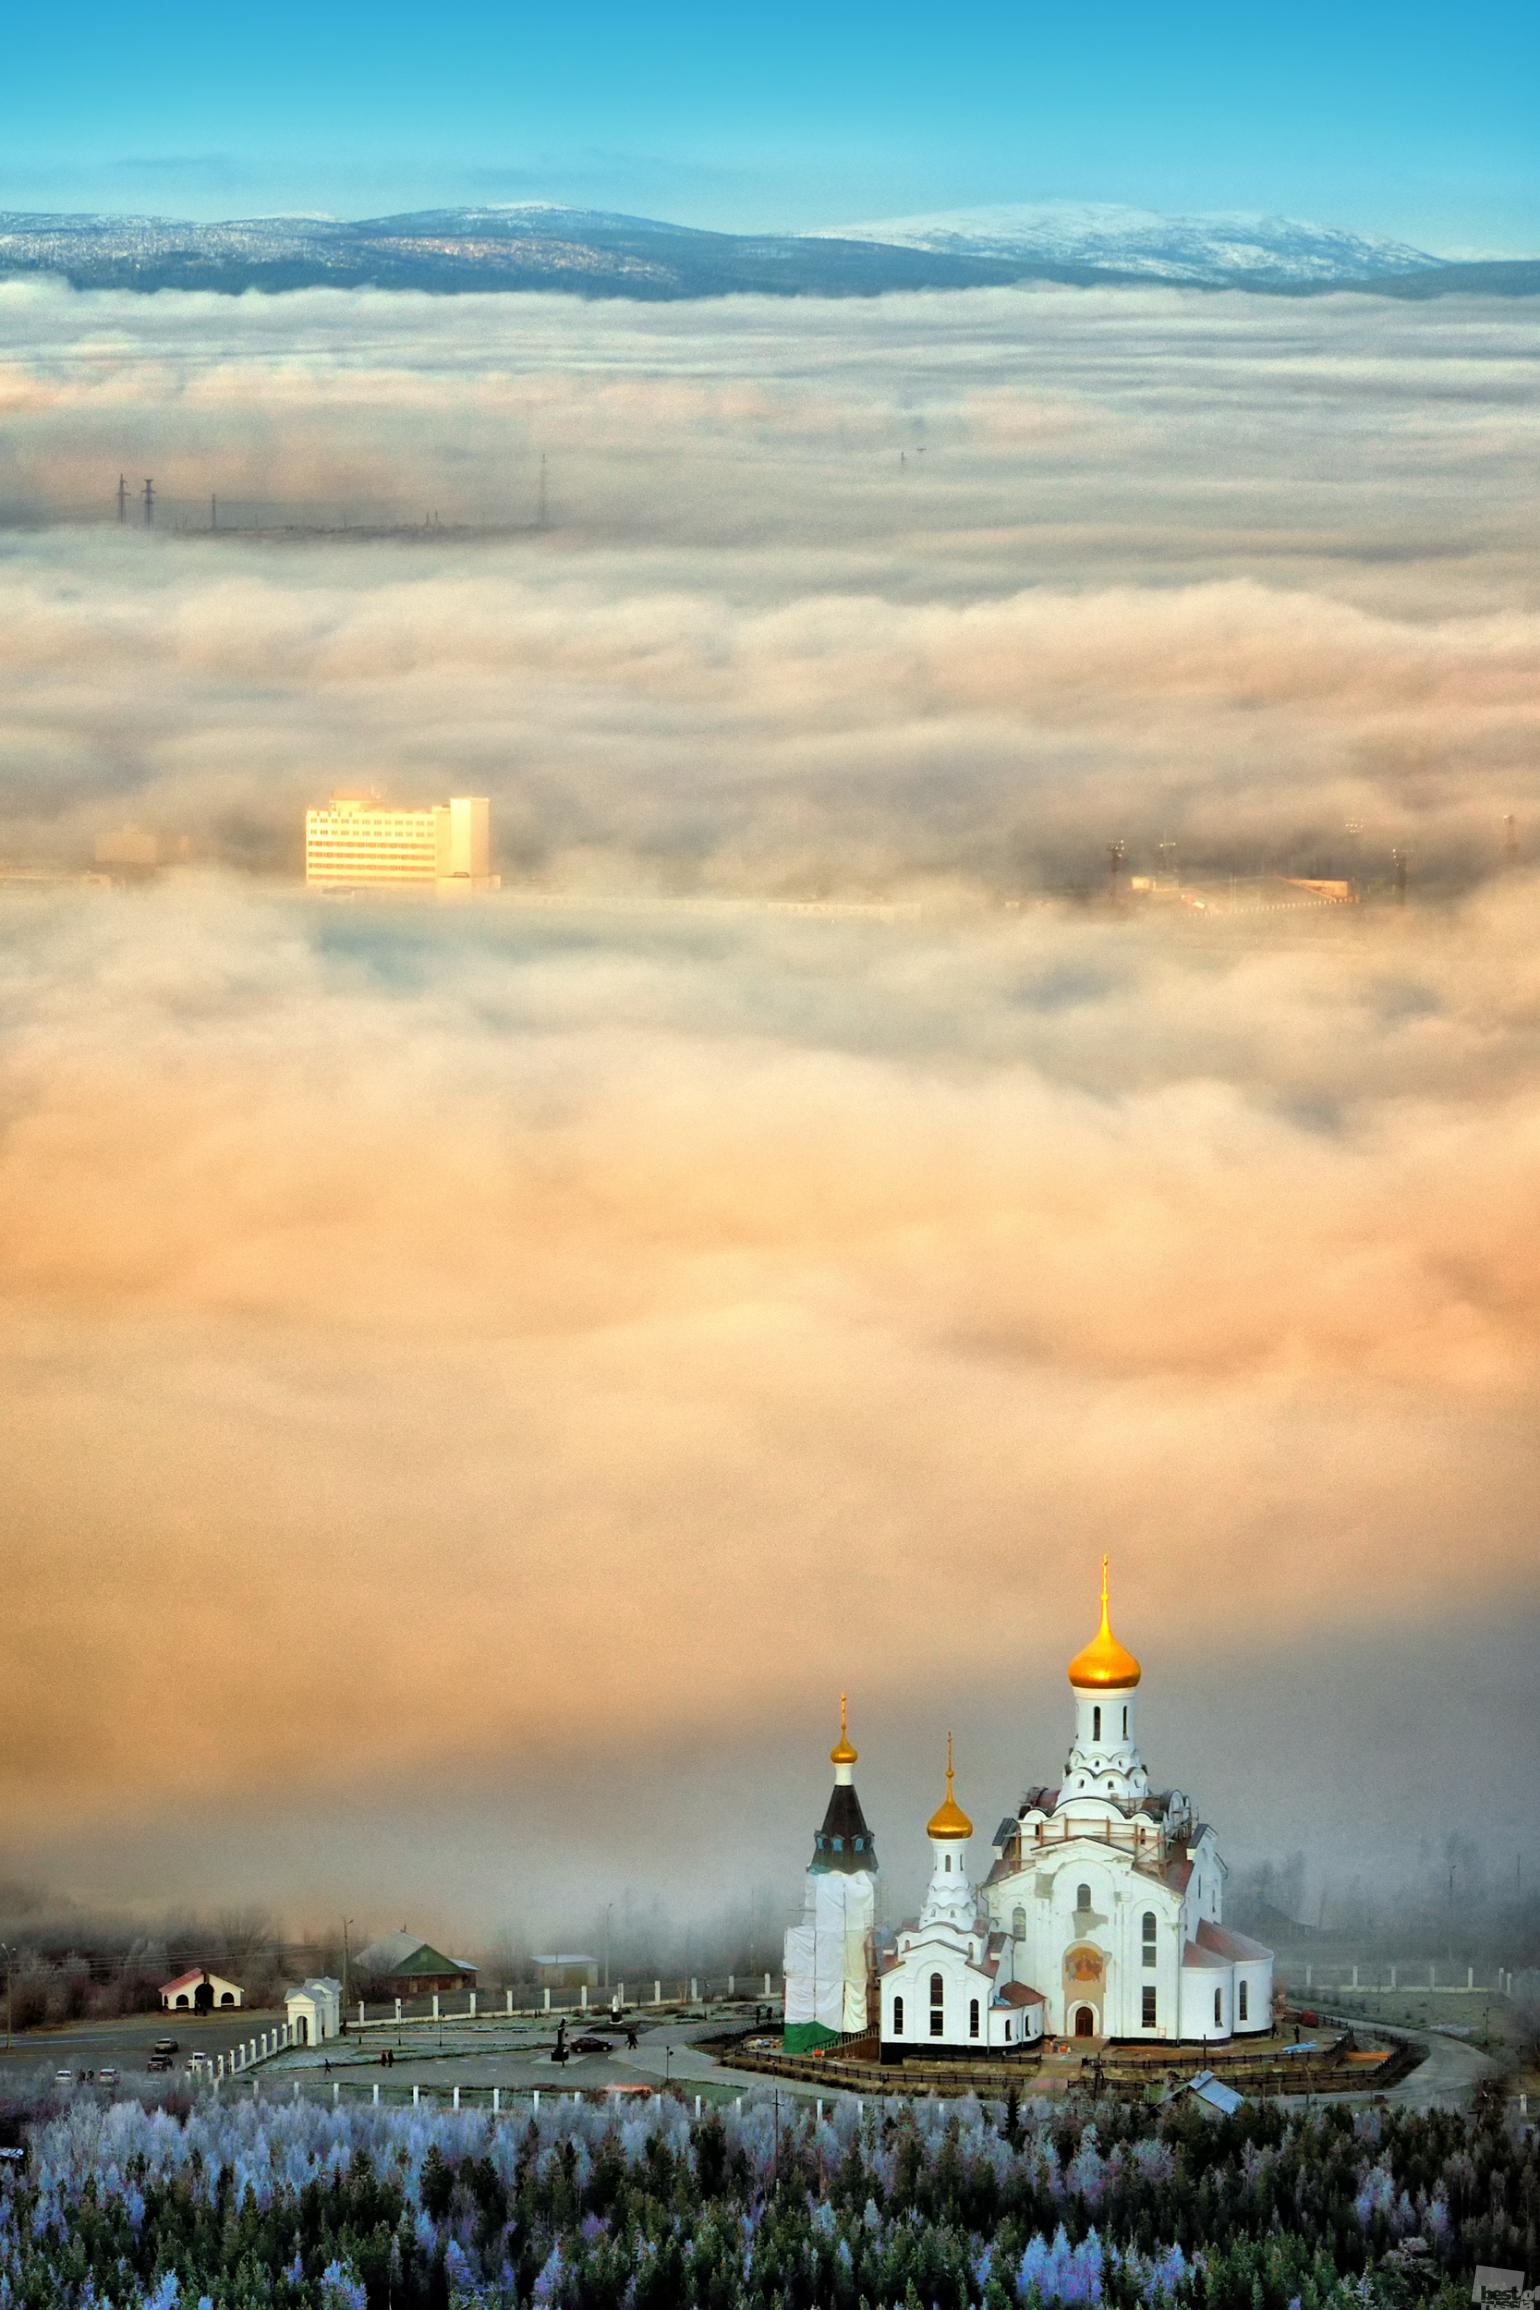 Solch ein Nebel ist keine Überraschung für die Kola-Halbinsel im Frühherbst. Die Swajto-Wosnesenskij-Kathedrale in Montschegorsk, Gebiet Murmansk.